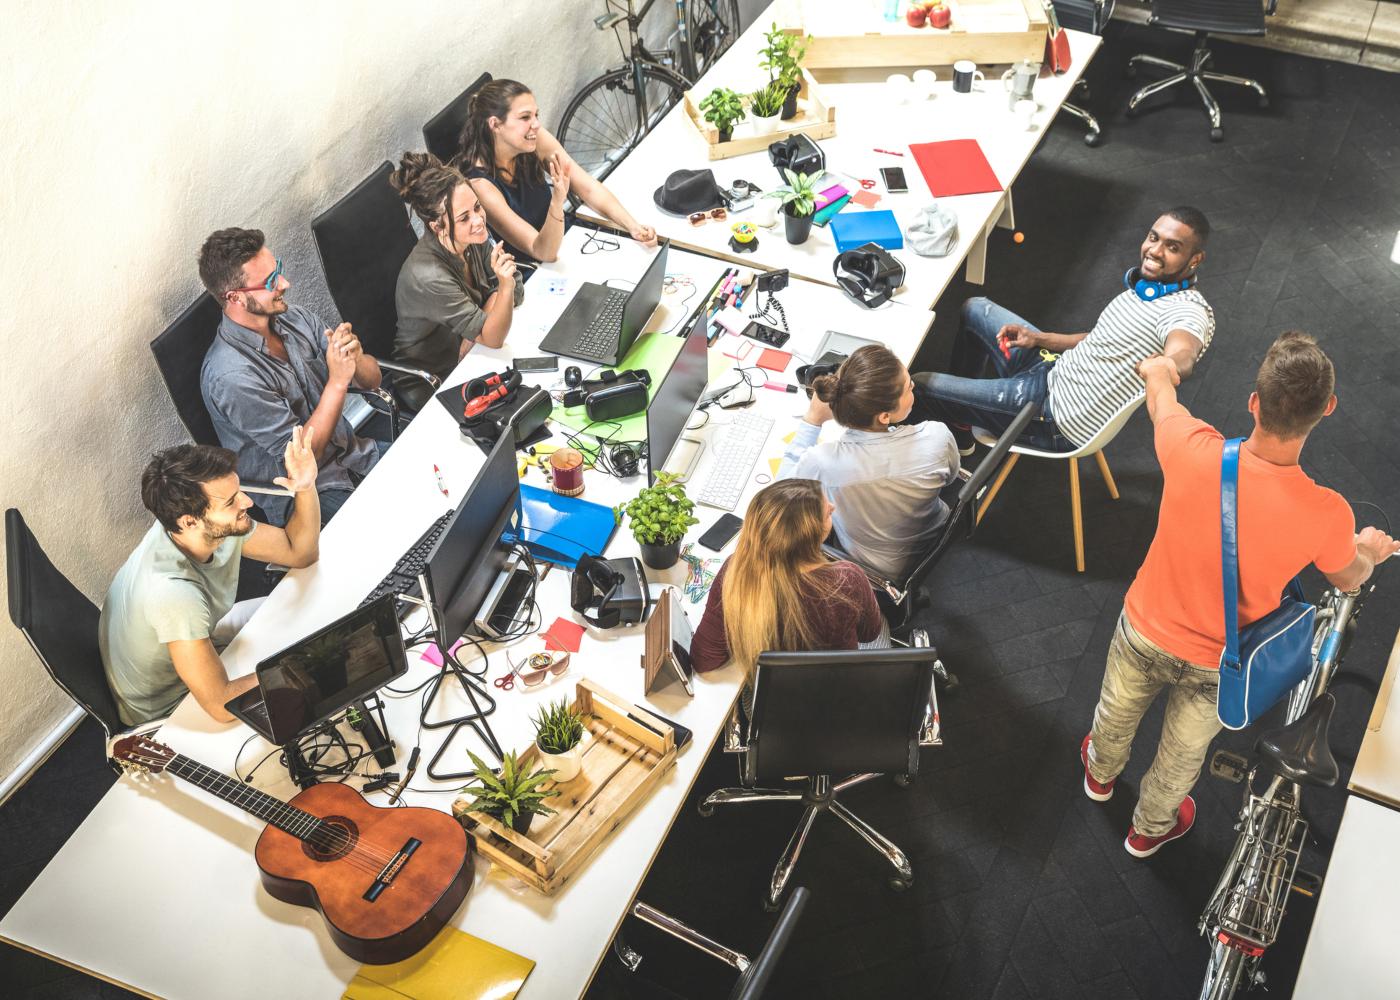 estagiários reunidos na mesa de trabalho